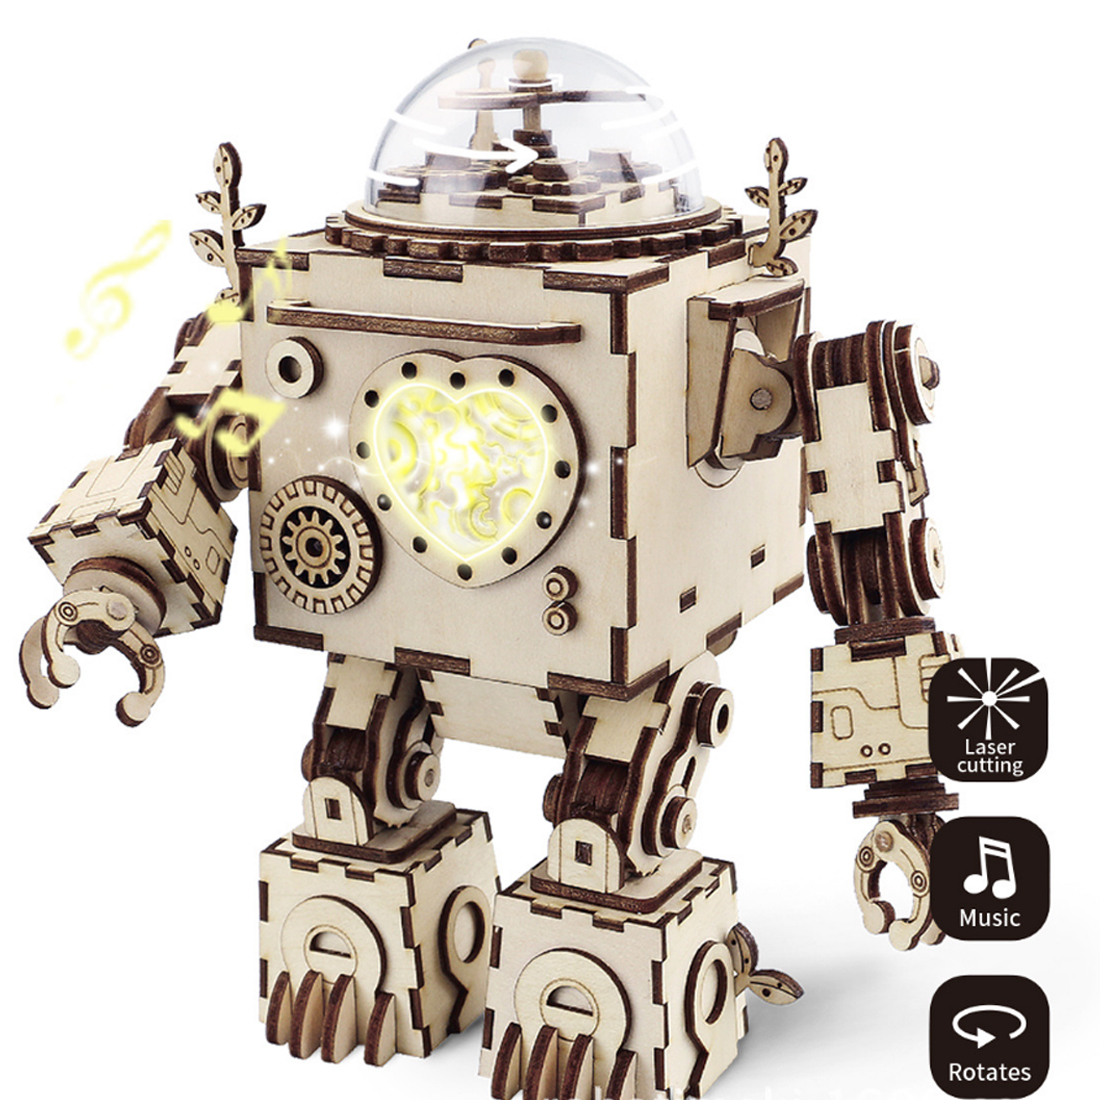 Robot modèle en bois matériel bricolage 3D Puzzle Steampunk boîte à musique pour Patience mains sur la capacité développement jouets cadeau pour les enfants